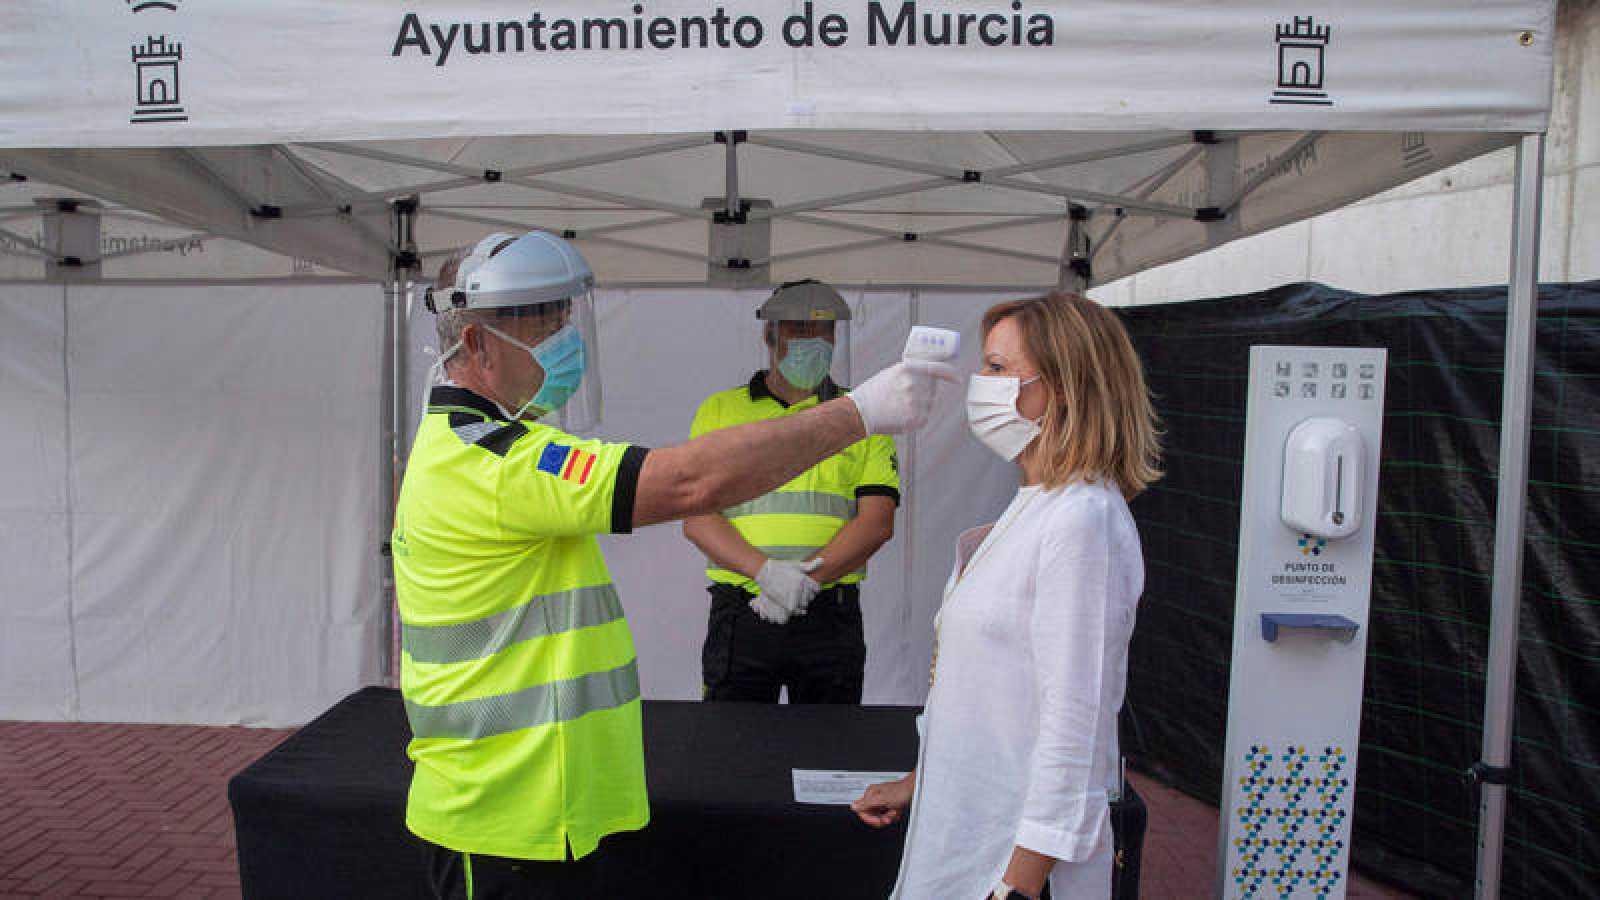 Un sanitario toma la temperatura a una mujer a la entrada al auditorio Murcia Parque